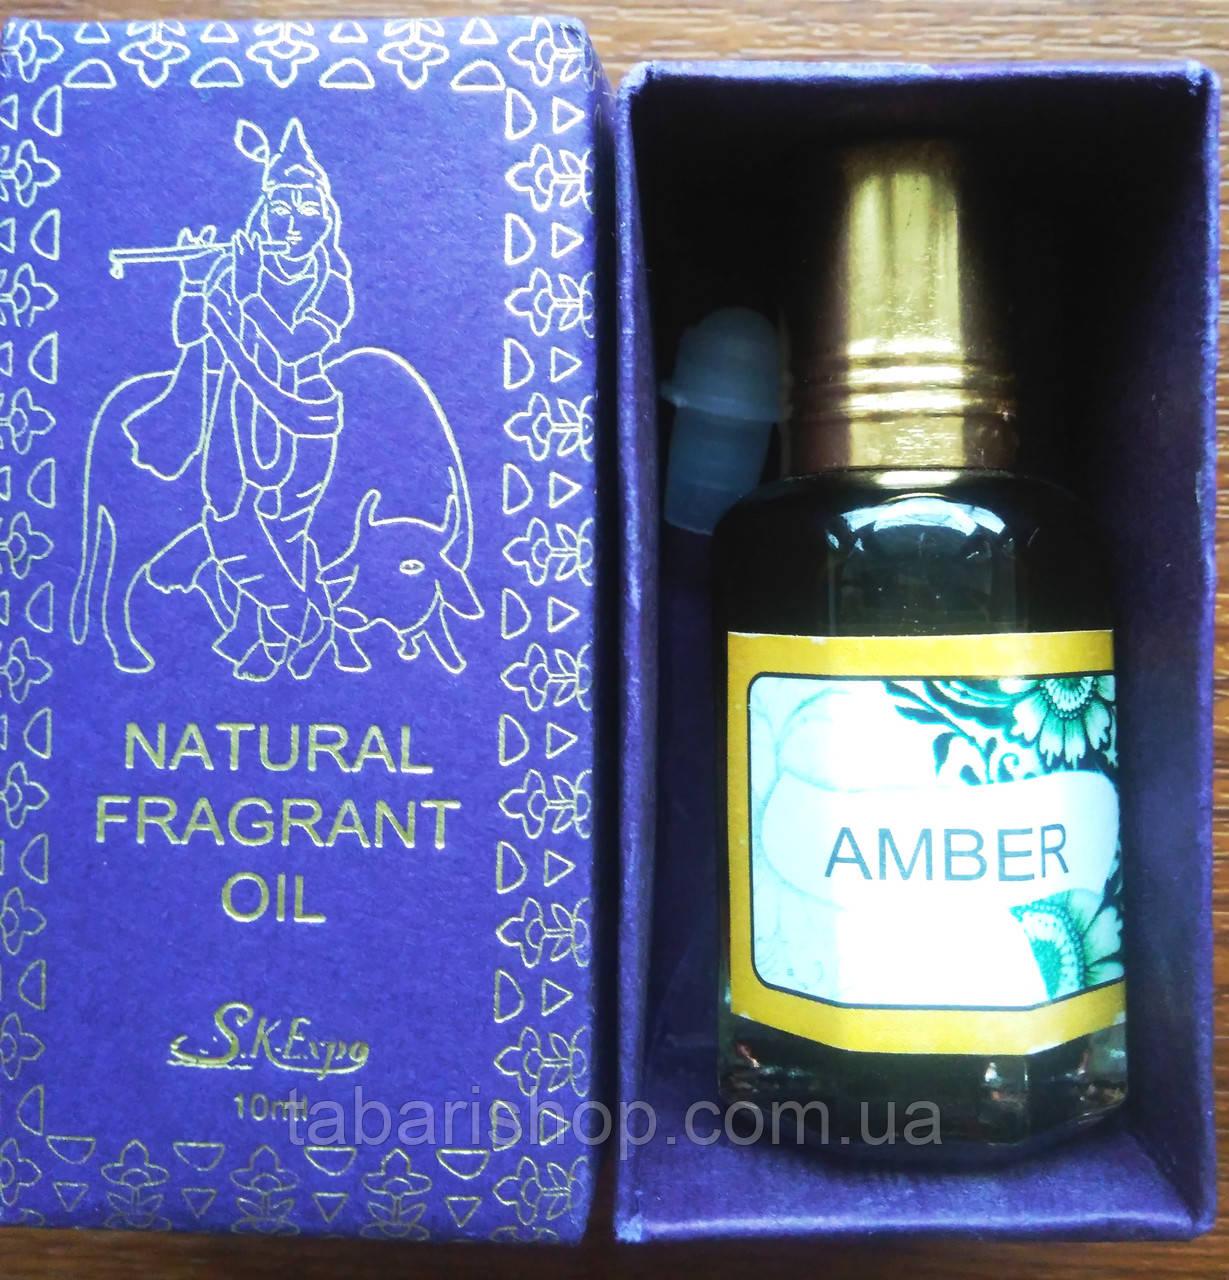 Масло концентрированное парфюмированное Amber, 10 мл